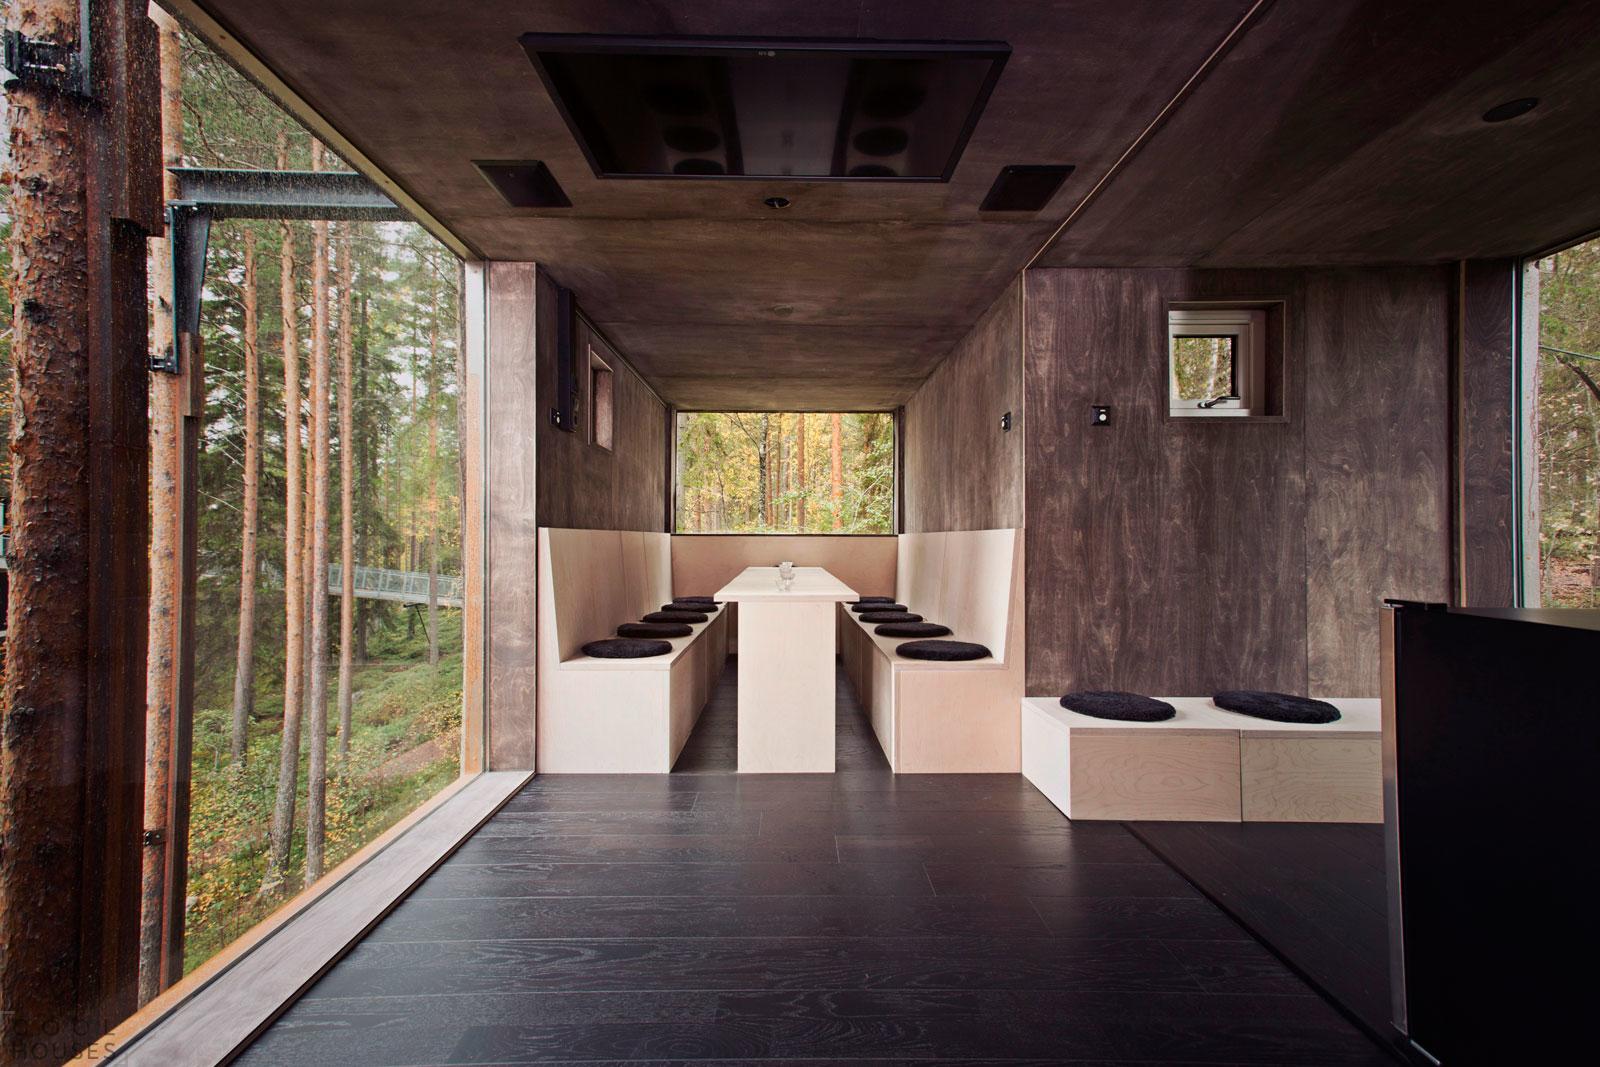 Оригинальный отель Стрекоза в горах на севере Швеции